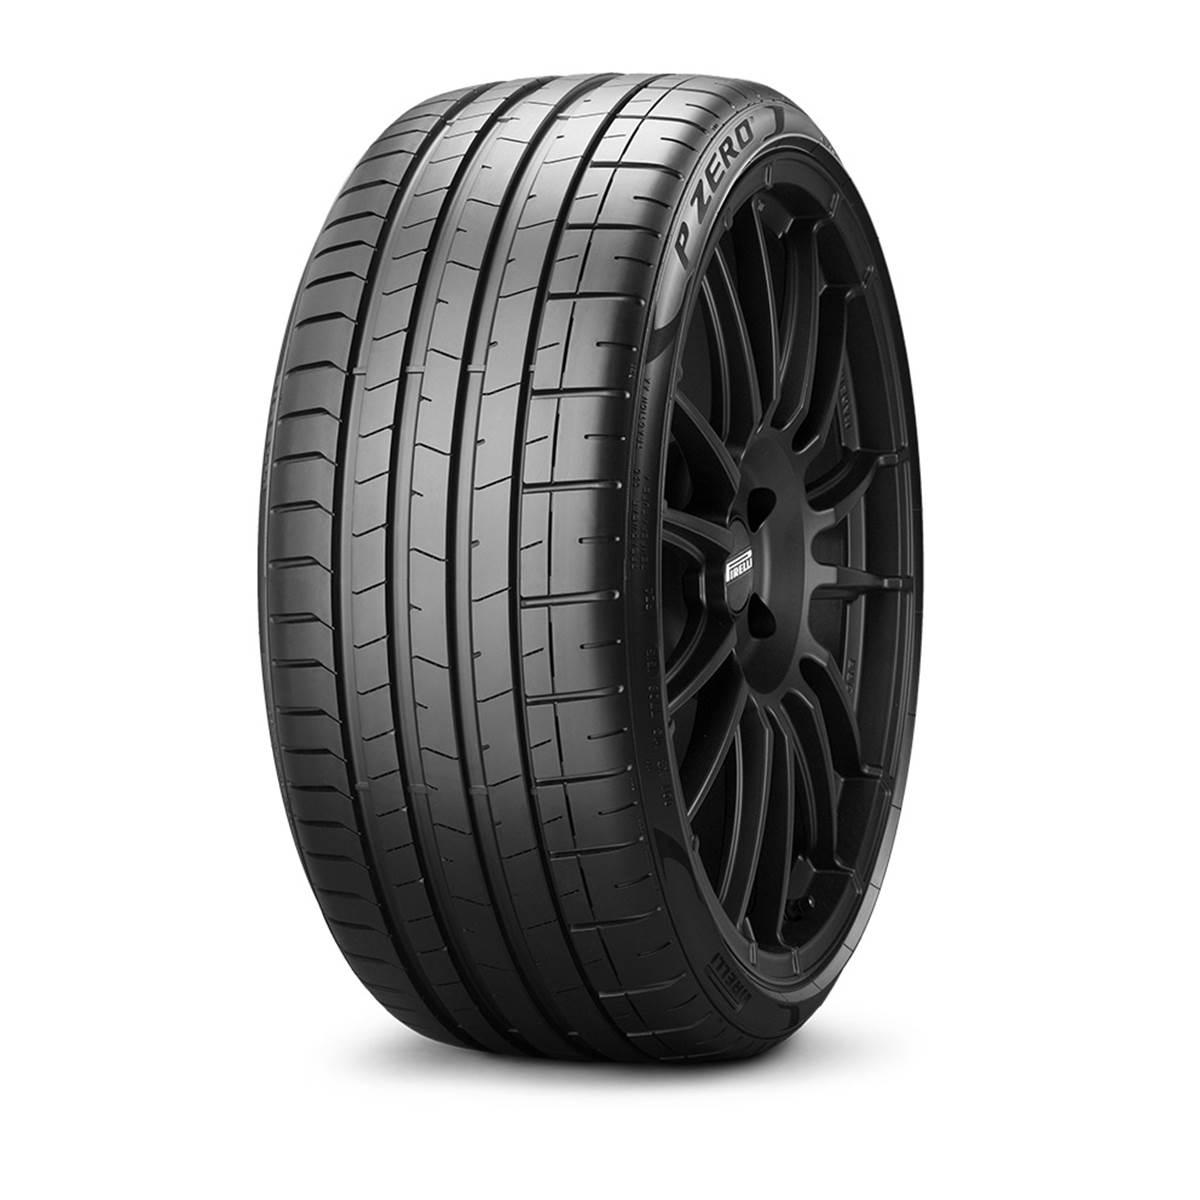 Pneu Runflat Pirelli 245/40R19 94Y Pzero